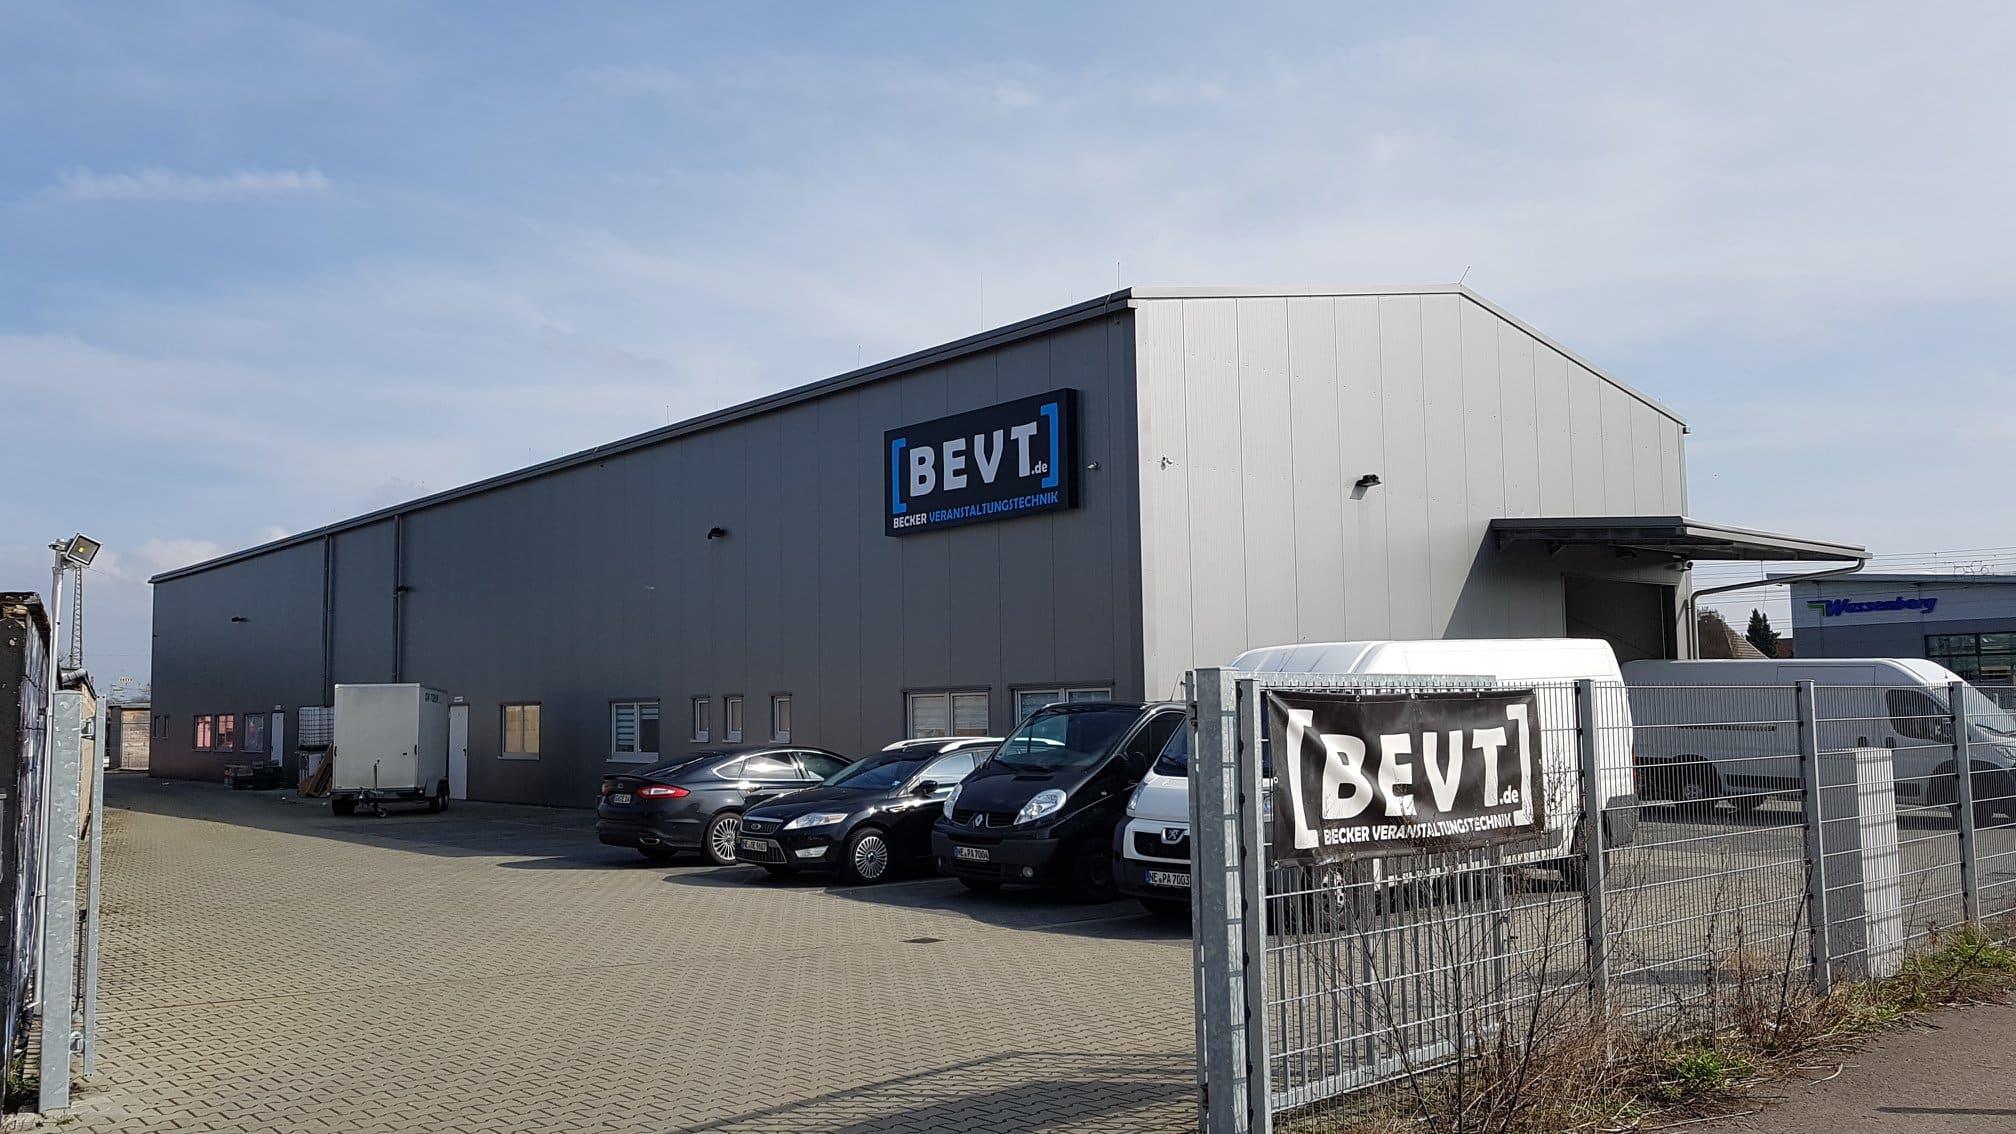 BEVT Becker Veranstaltungstechnik